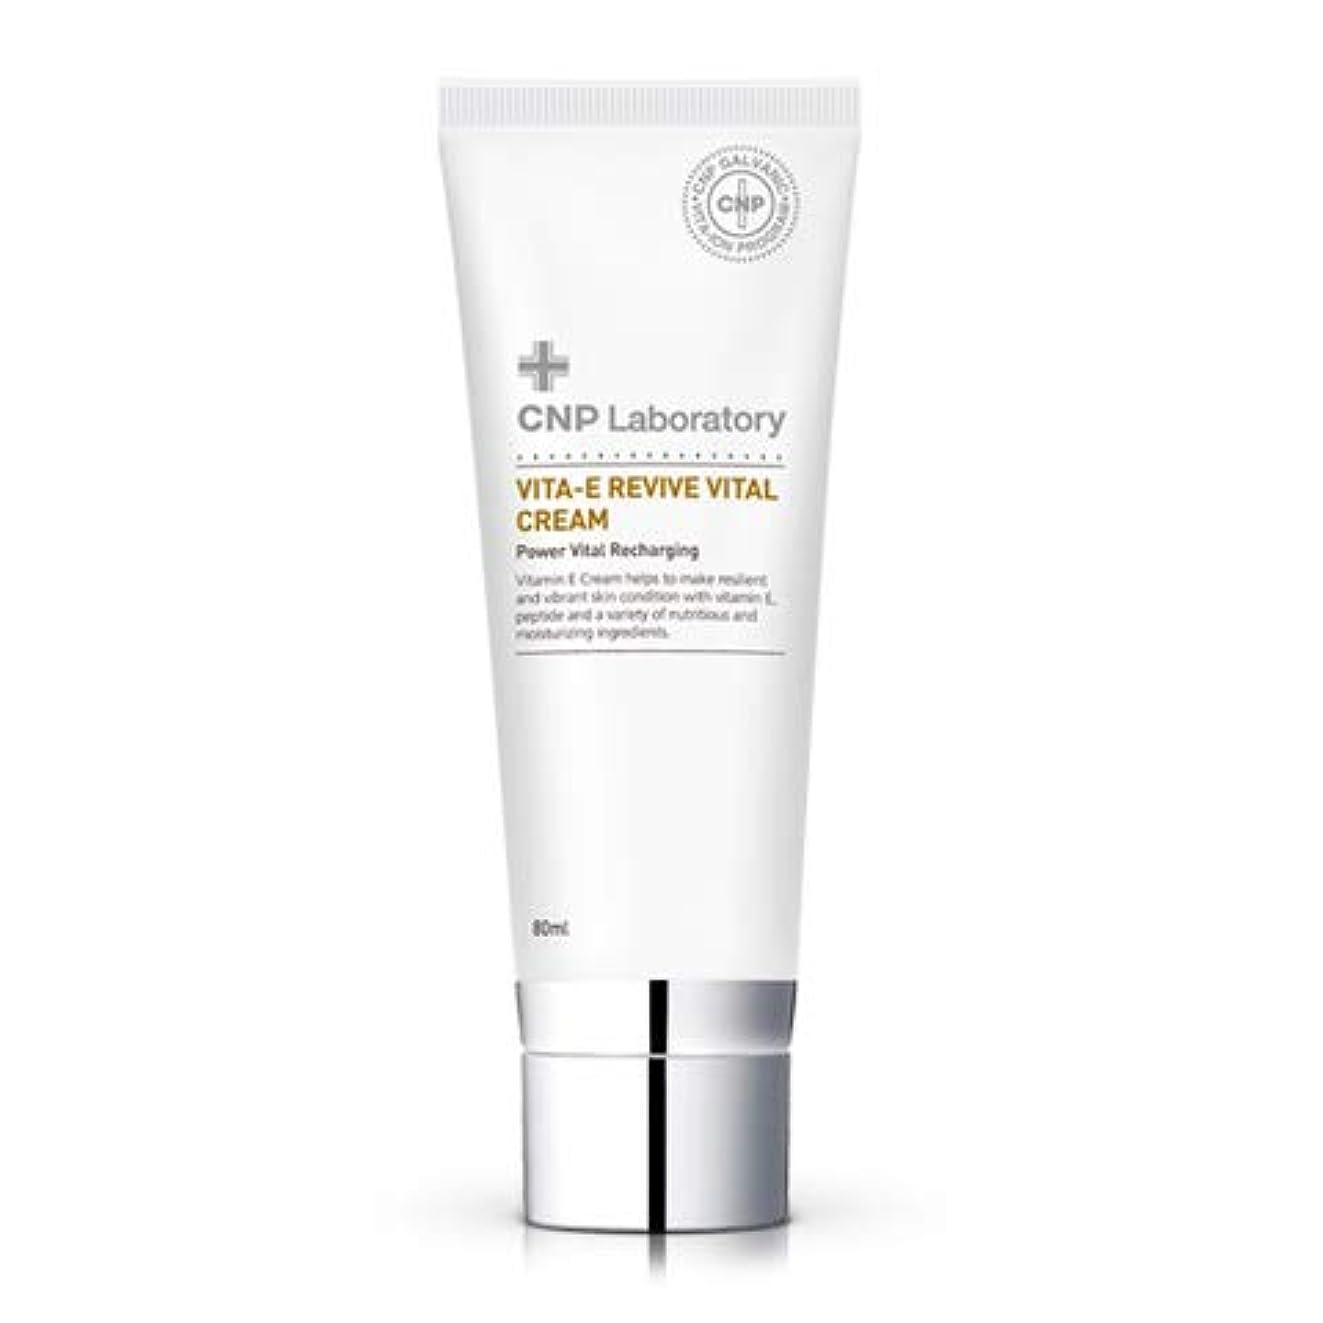 ディスク二層科学CNP Laboratory Vita - Eリバイブバイタルクリーム/Vita - E Revive Vital Cream 80ml [並行輸入品]